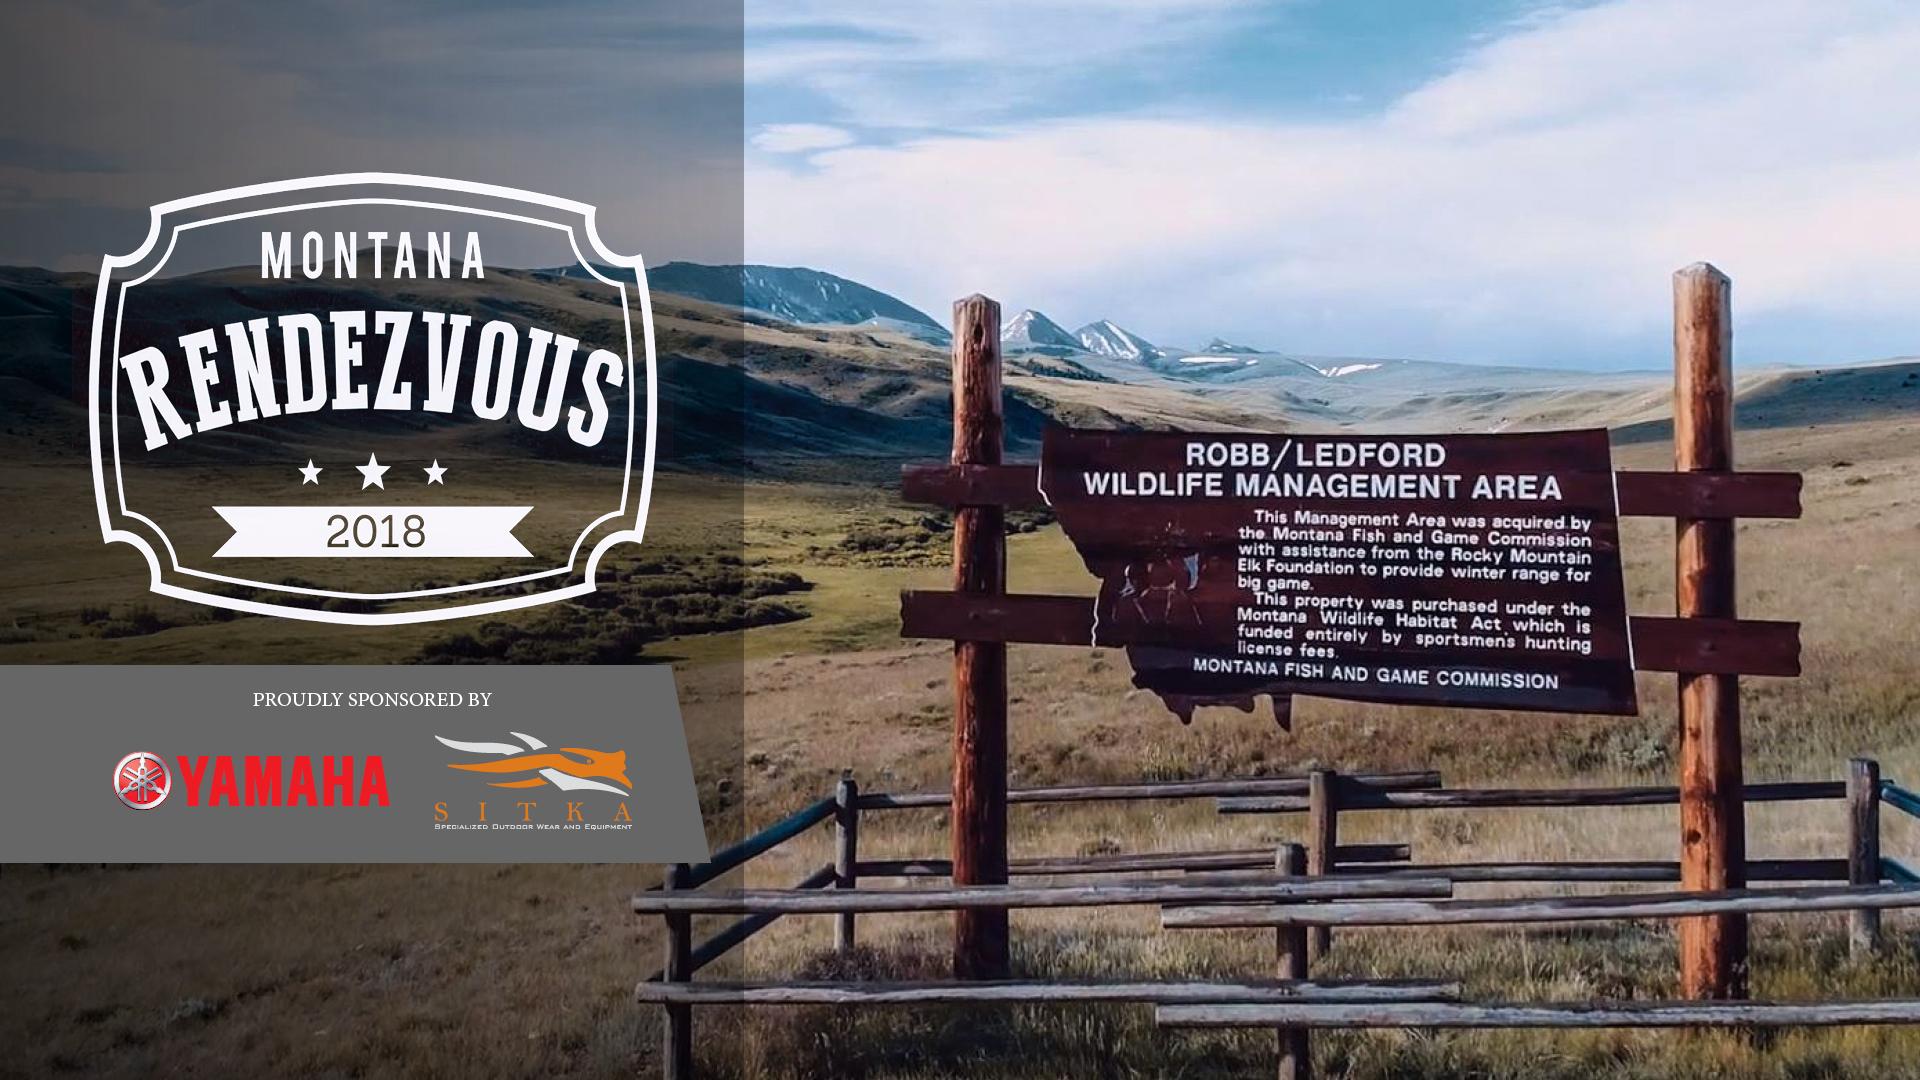 Montana Rendezvous